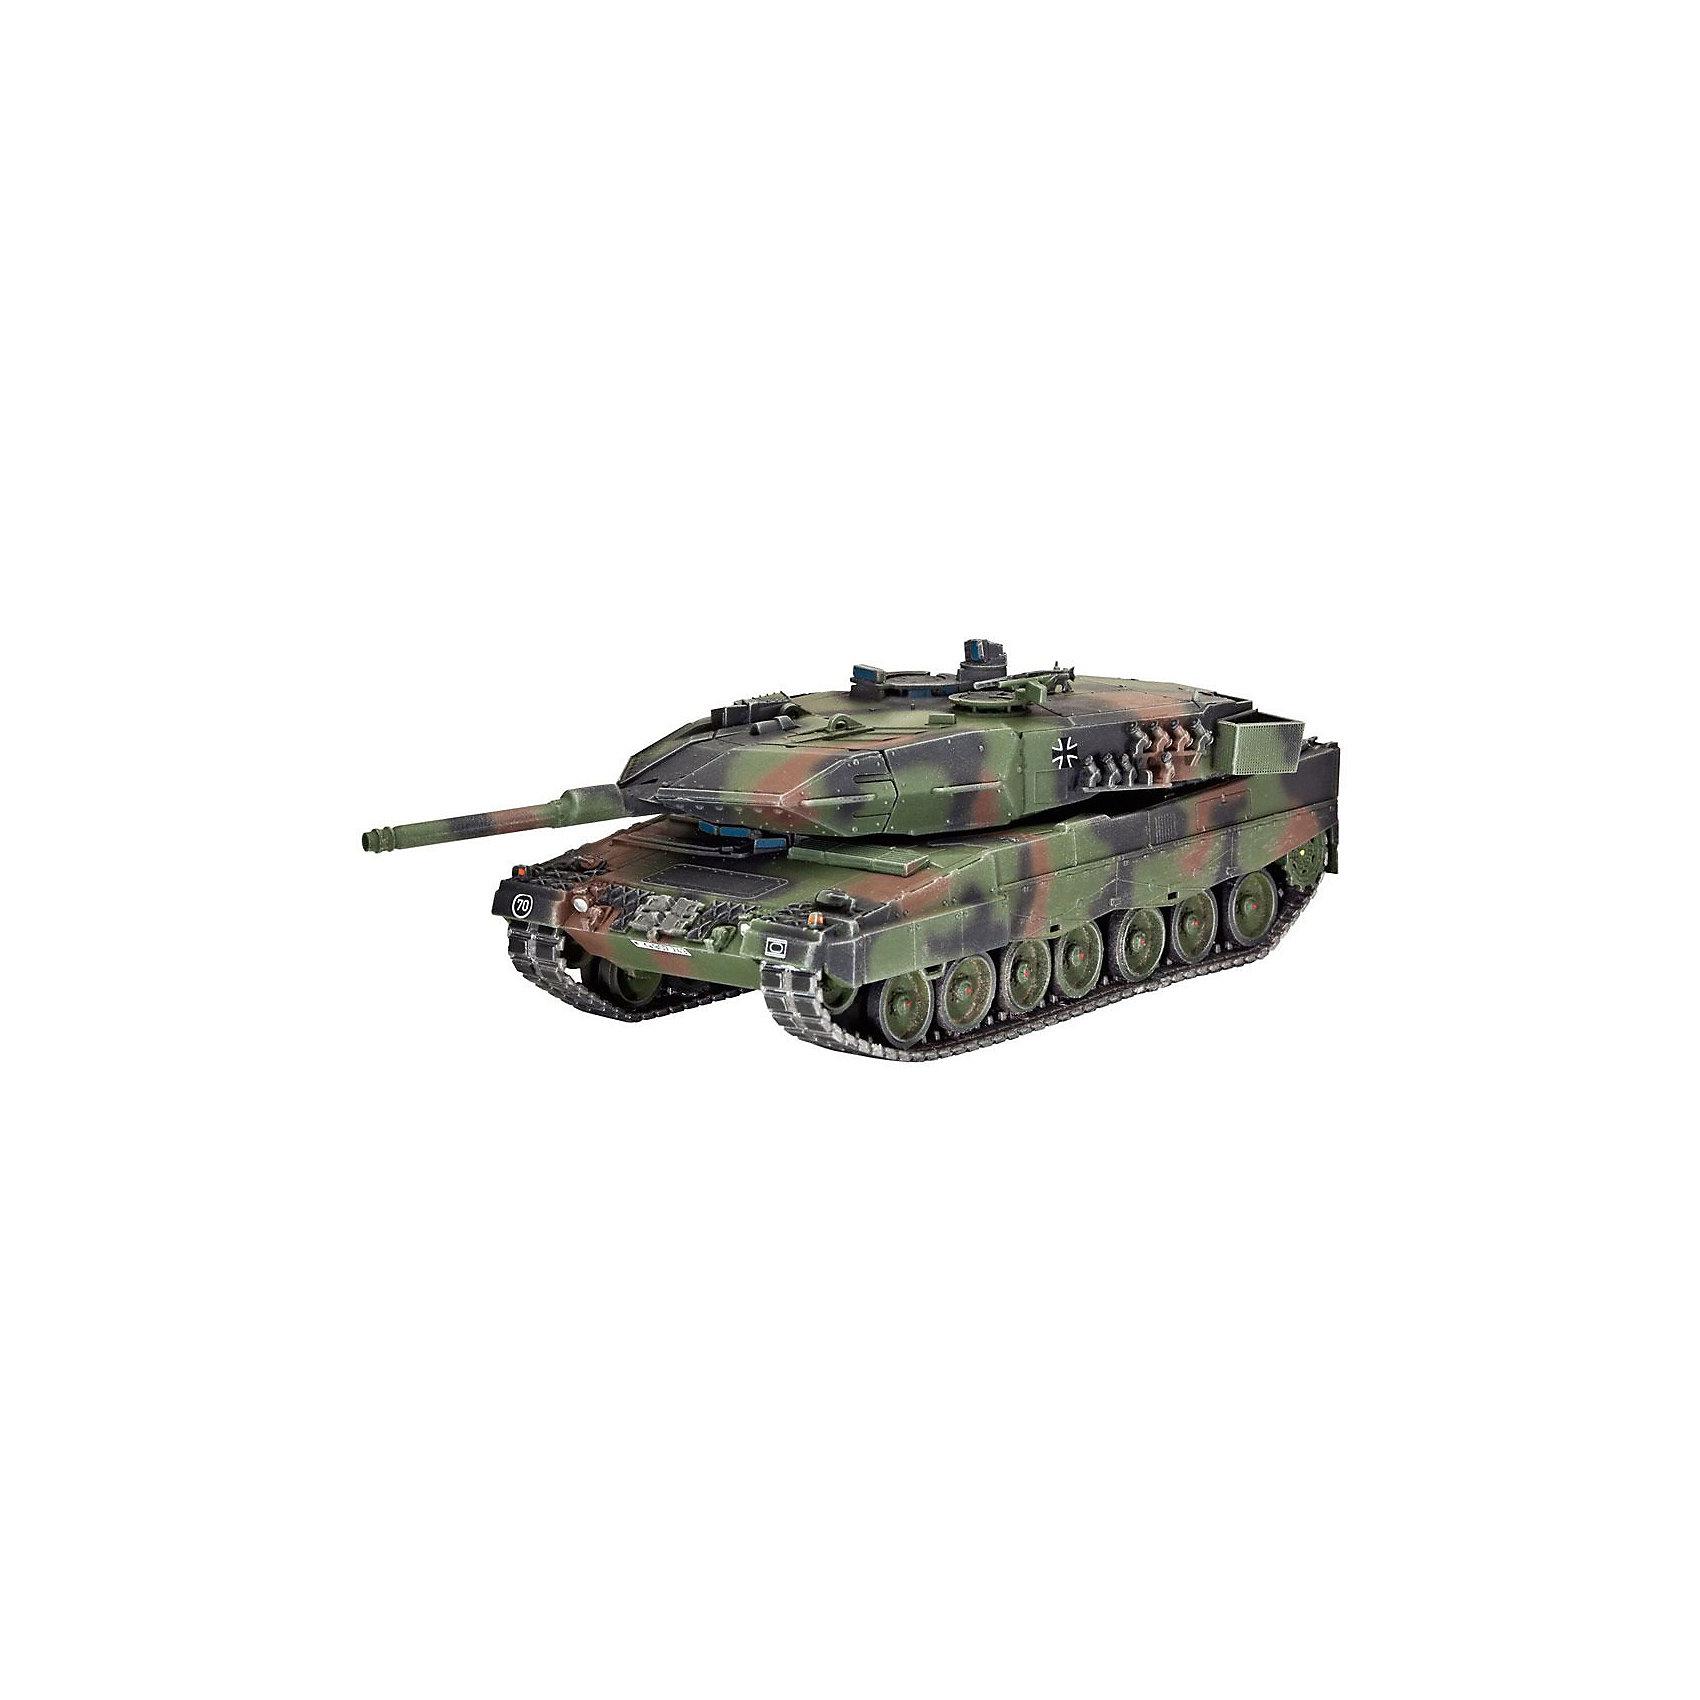 Танк Леопард 2A5 / A5NLМодели для склеивания<br>Сборная модель современного немецкого танка Леопард 2A5/A5NL. На данный момент Леопард 2 является основным боевым танком в армии Германии, а также в армиях ряда стран Европы. Танк создан по классической компоновке. Вооружение машины состоит из 120-мм гладкоствольной пушки  и двух пулеметов калибром 7,62.  Модификация 2A5/A5NL создана специально для армии Нидерландов. Эта модель получила новый люк для механика-водителя, существенно измененную башню и новую систему наведения орудия. Все эти изменения привели к увеличению массы танка до 62 тонн <br>Масштаб: 1:72 <br>Количество деталей: 180 <br>Длина модели: 134 мм <br>Уровень сложности: 4 <br>Все расходные материалы приобретаются отдельно<br><br>Ширина мм: 9999<br>Глубина мм: 9999<br>Высота мм: 9999<br>Вес г: 9999<br>Возраст от месяцев: 120<br>Возраст до месяцев: 2147483647<br>Пол: Мужской<br>Возраст: Детский<br>SKU: 7122379